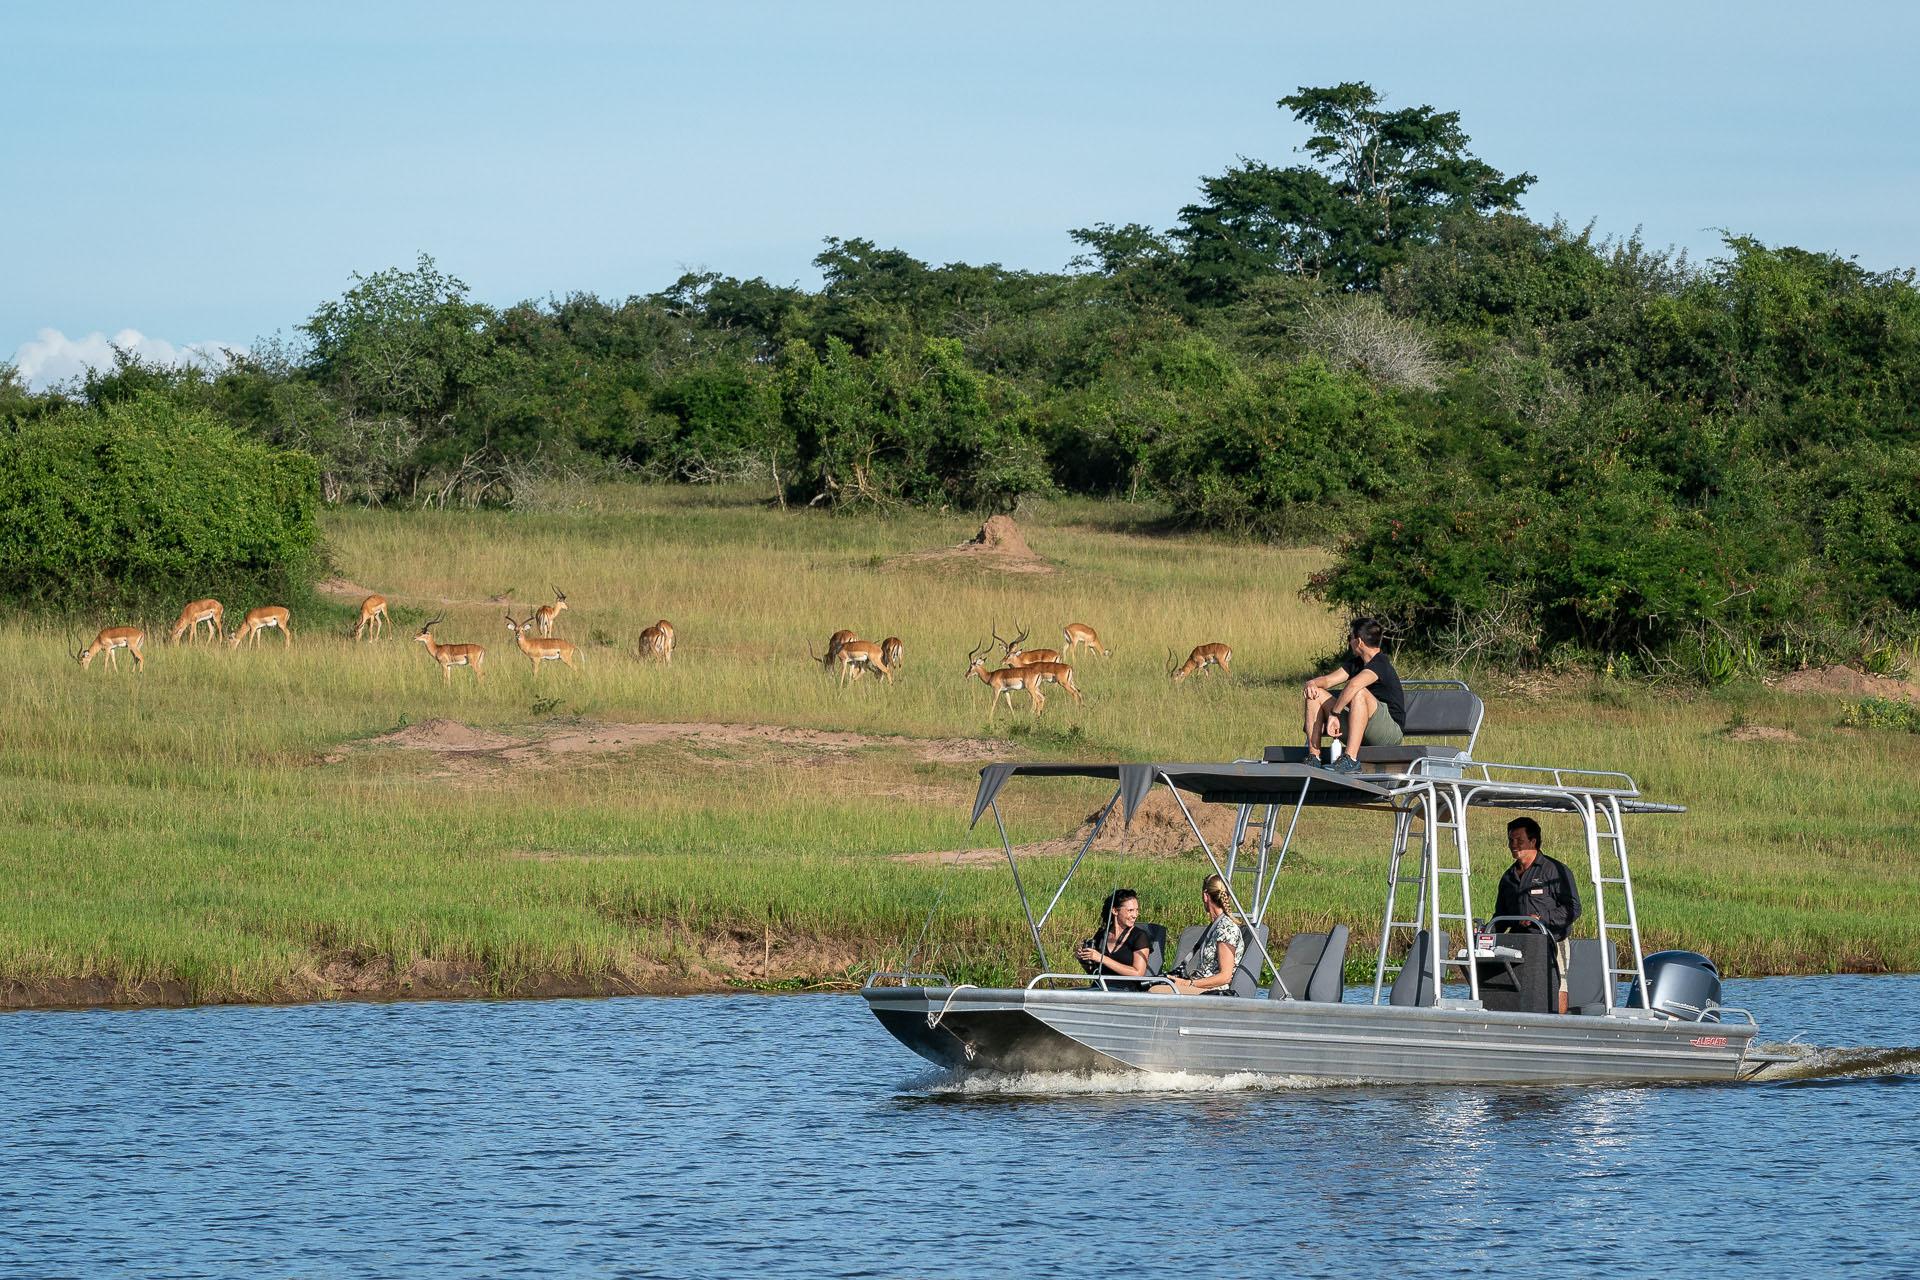 enkosi-africa-rwanda-akagera-wilderness-magashi-lake-safari-boat